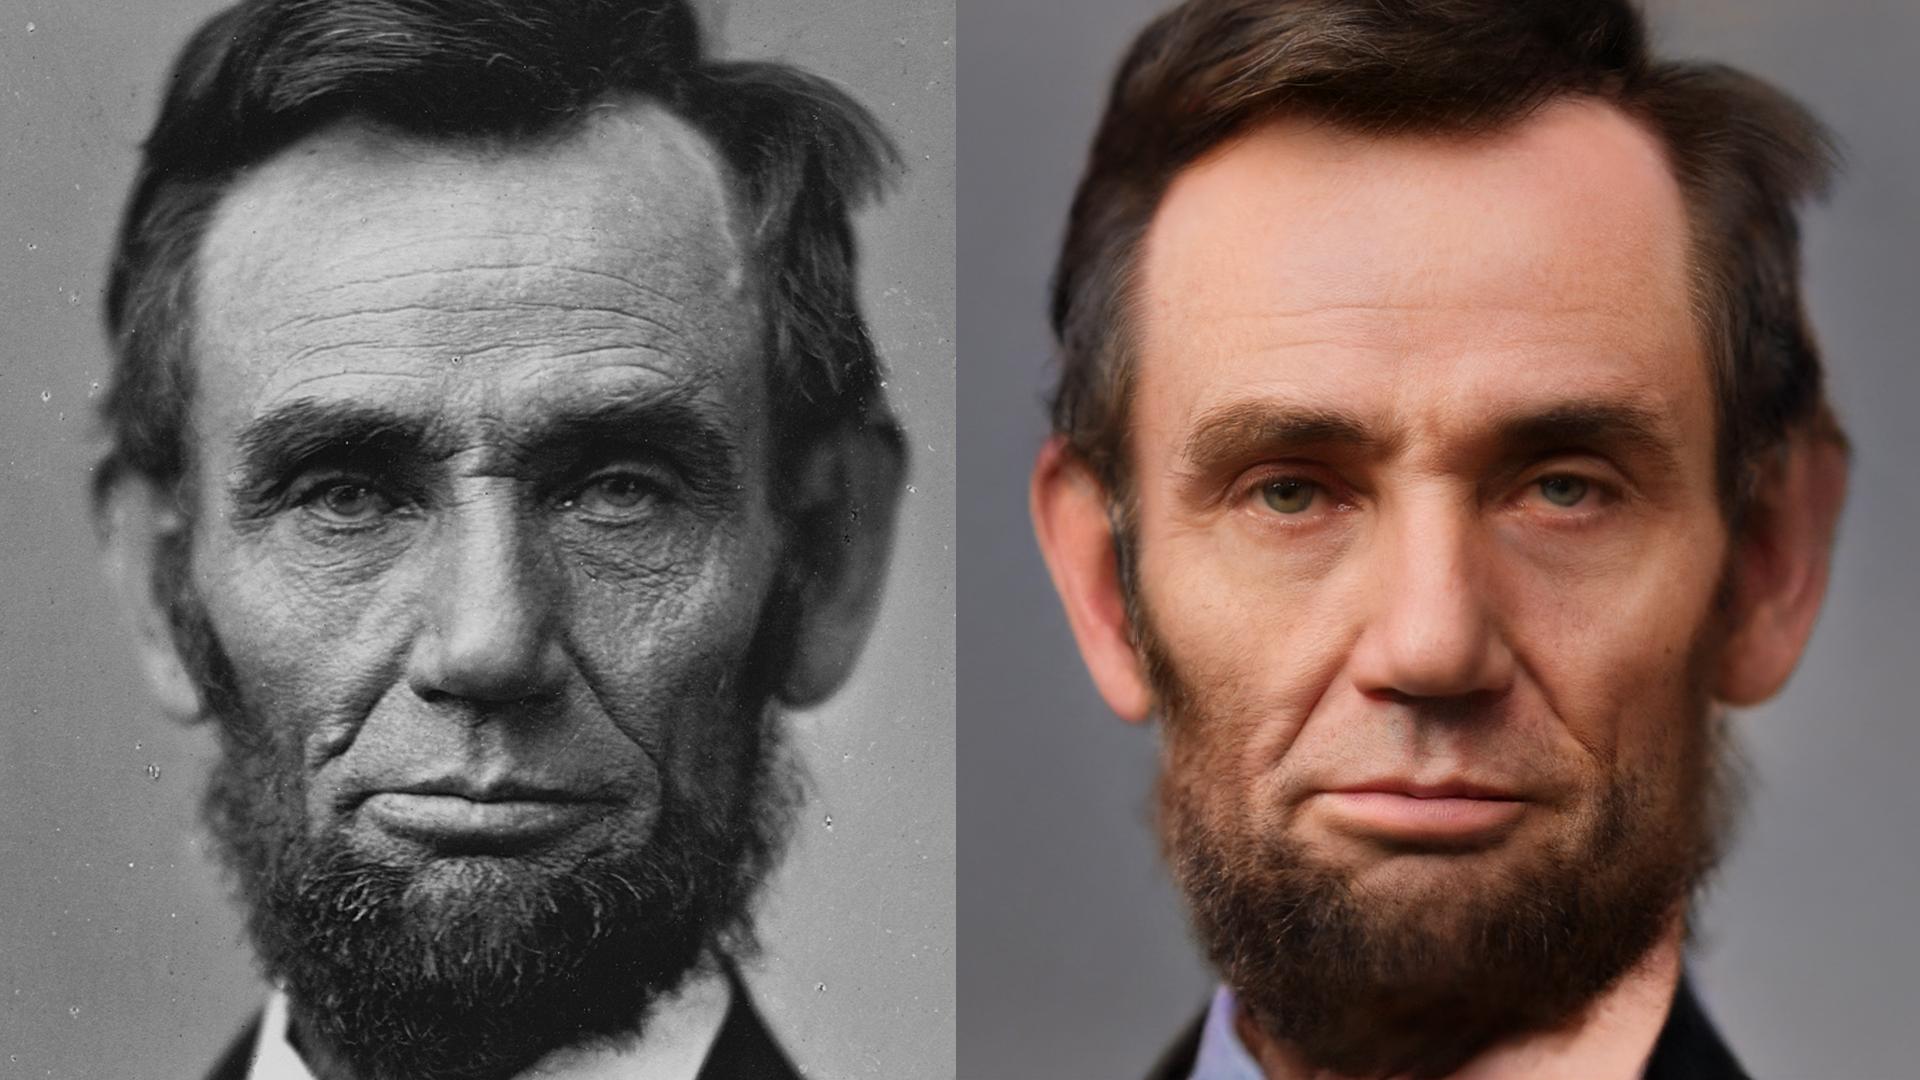 La nueva IA para colorear fotos corrige el efecto de arrugas del anciano de las primeras fotografías 12